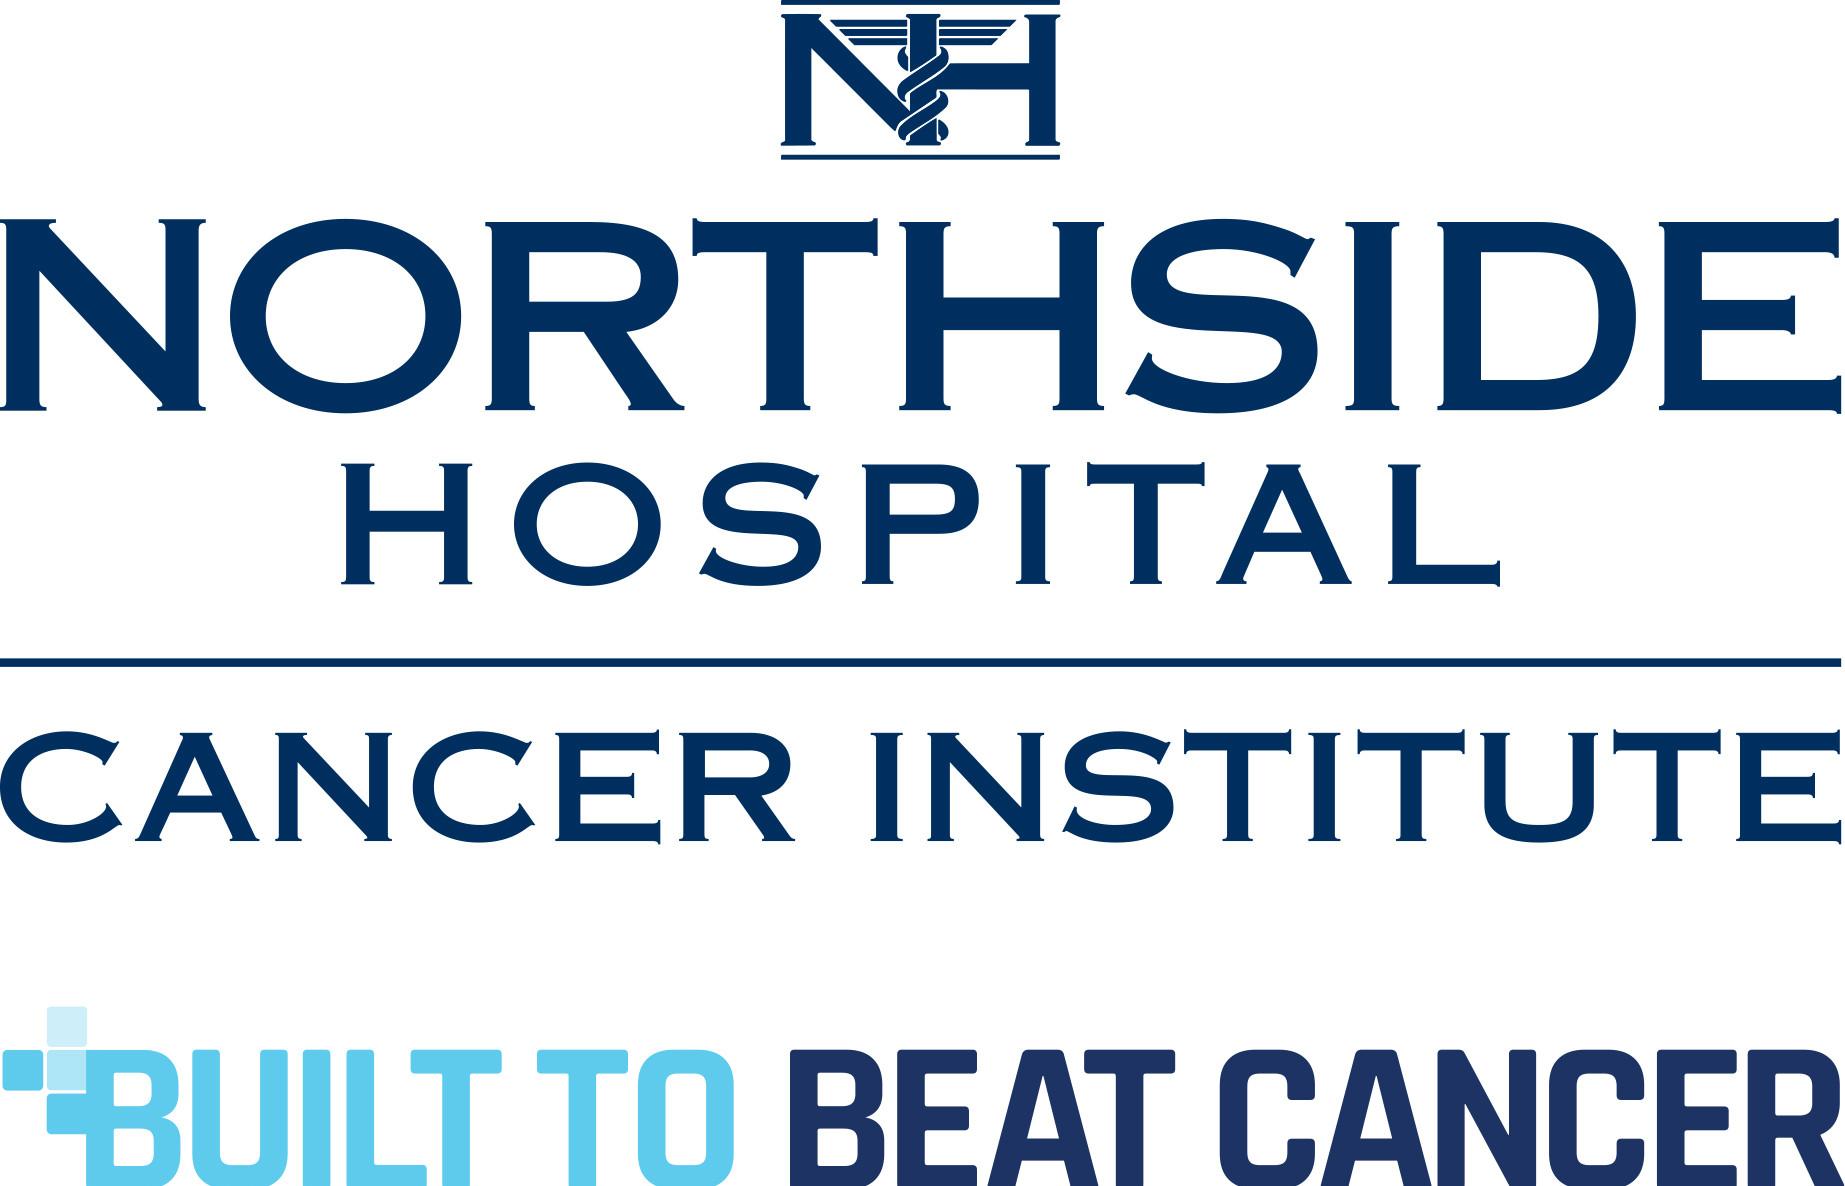 Northside Hospital Cancer Institue